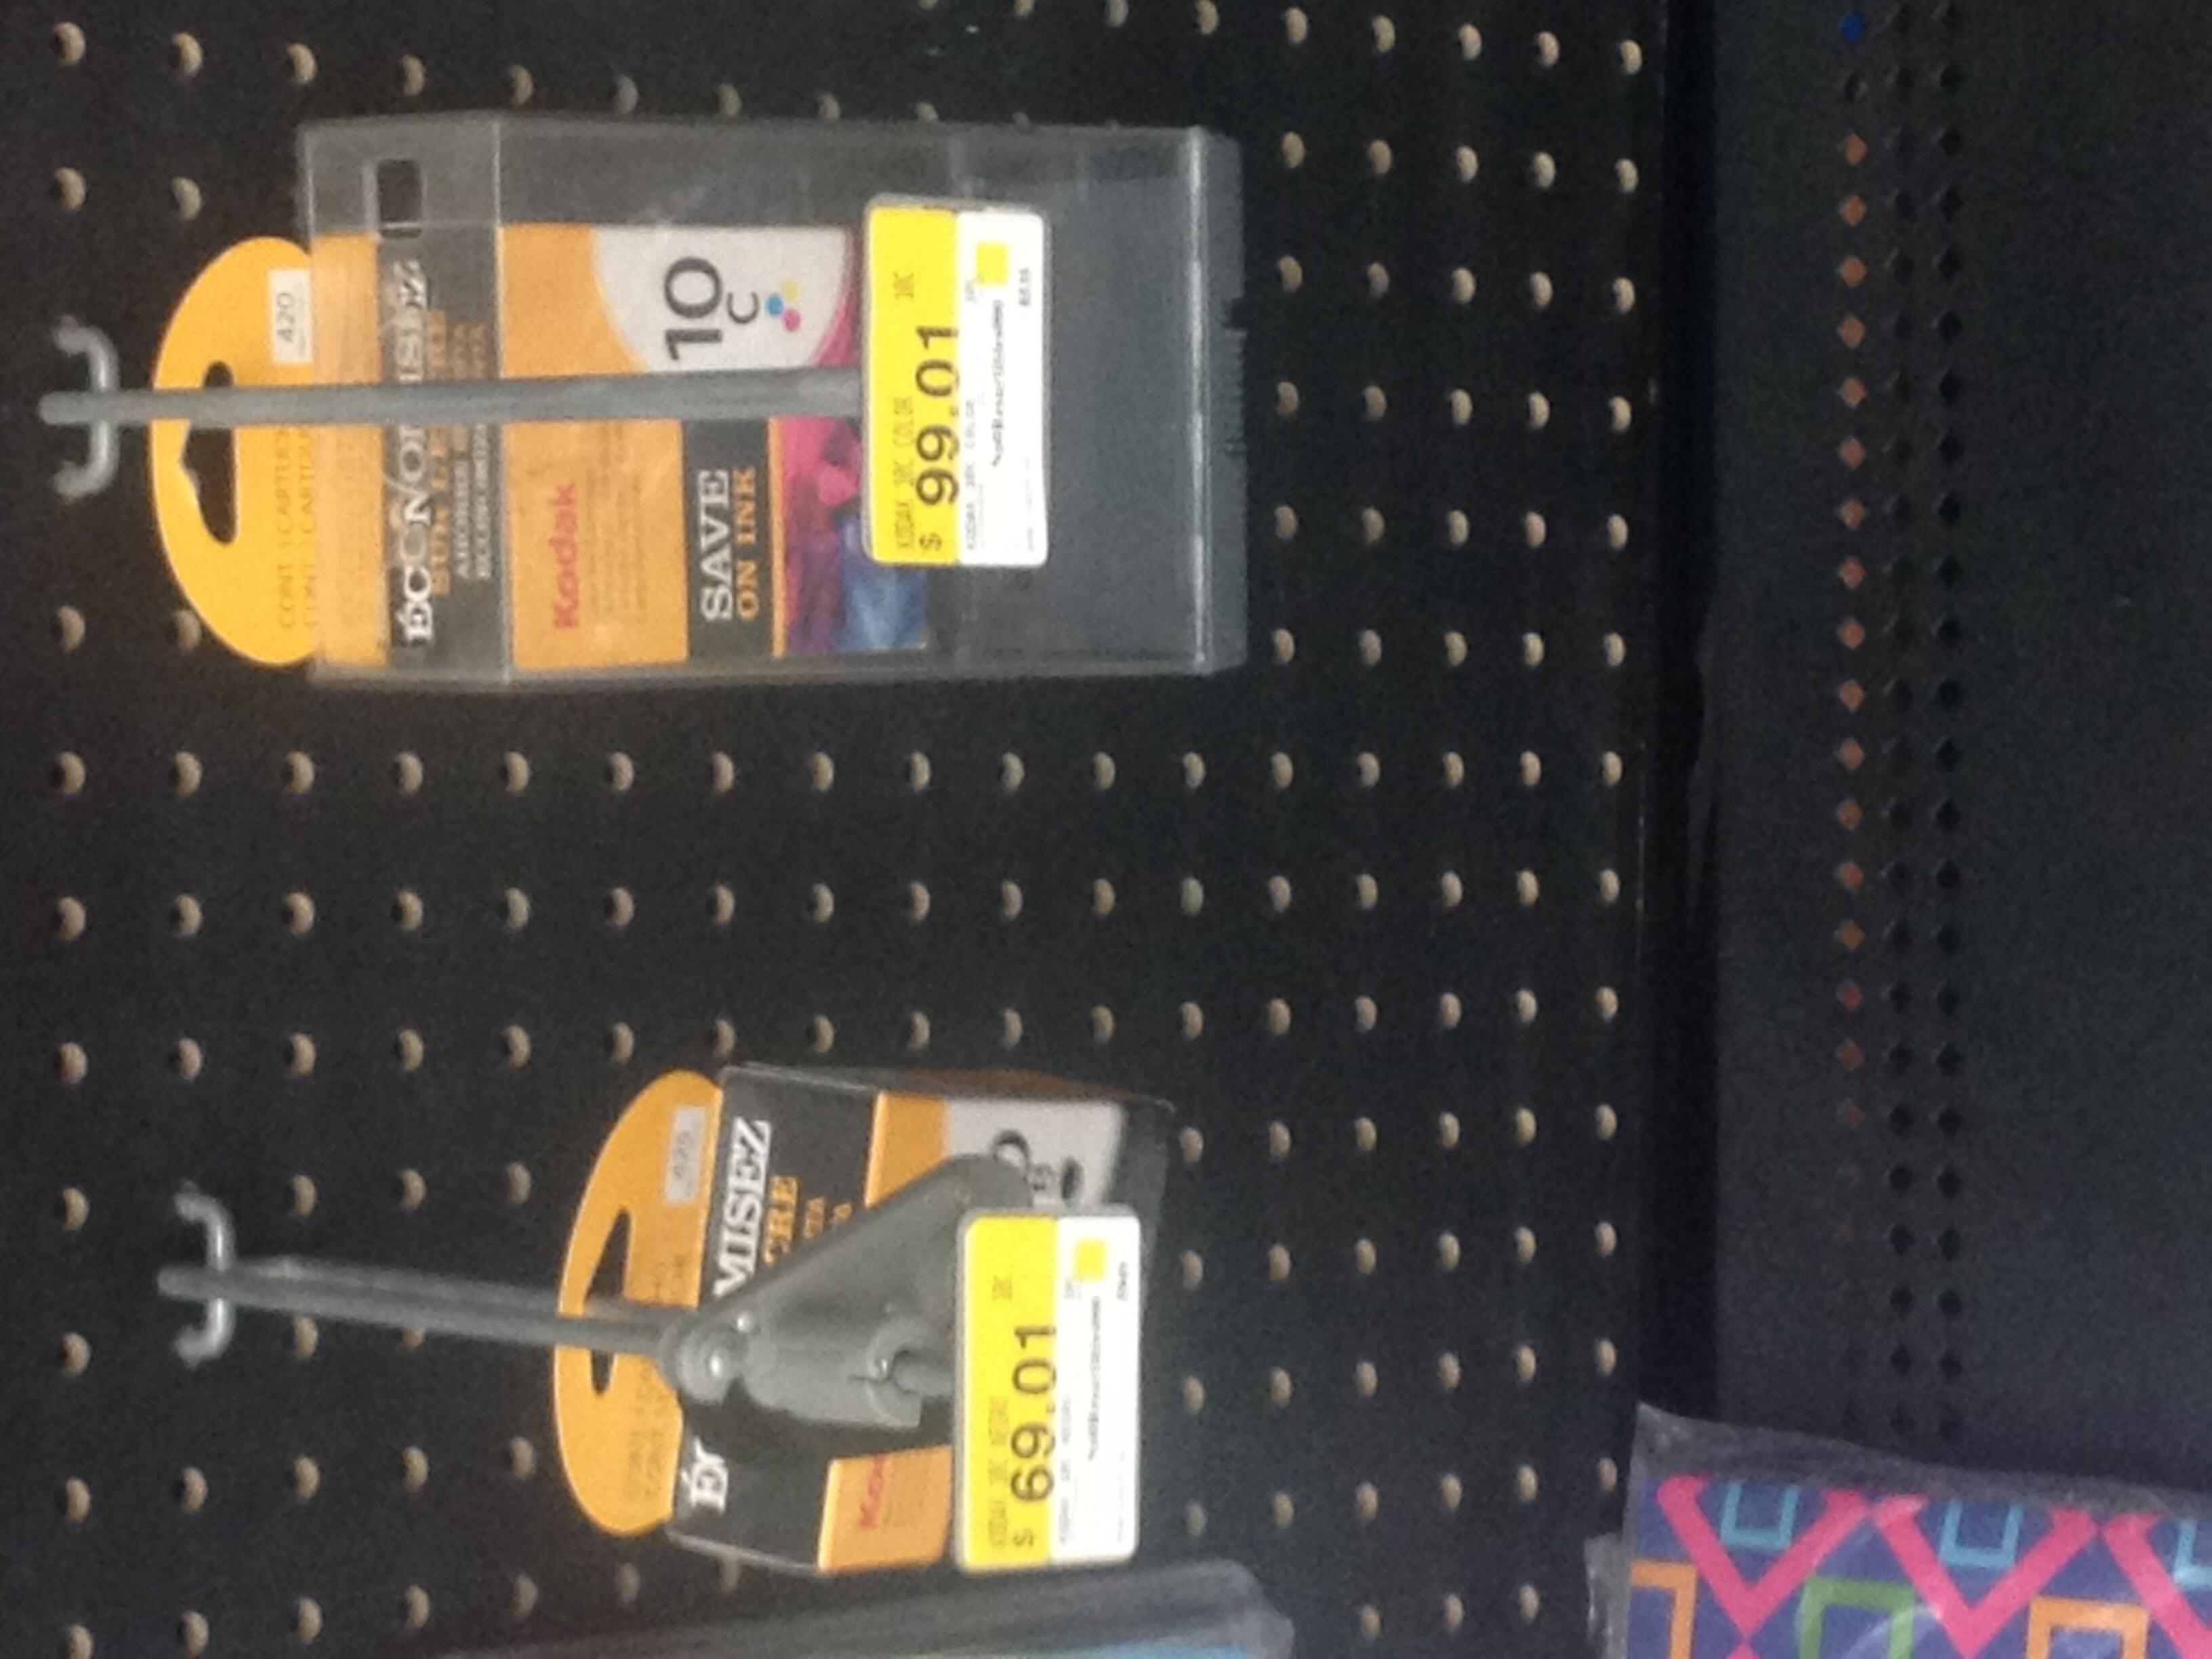 Walmart Tangamanga: Oferta en cartuchos de tinta Kodak